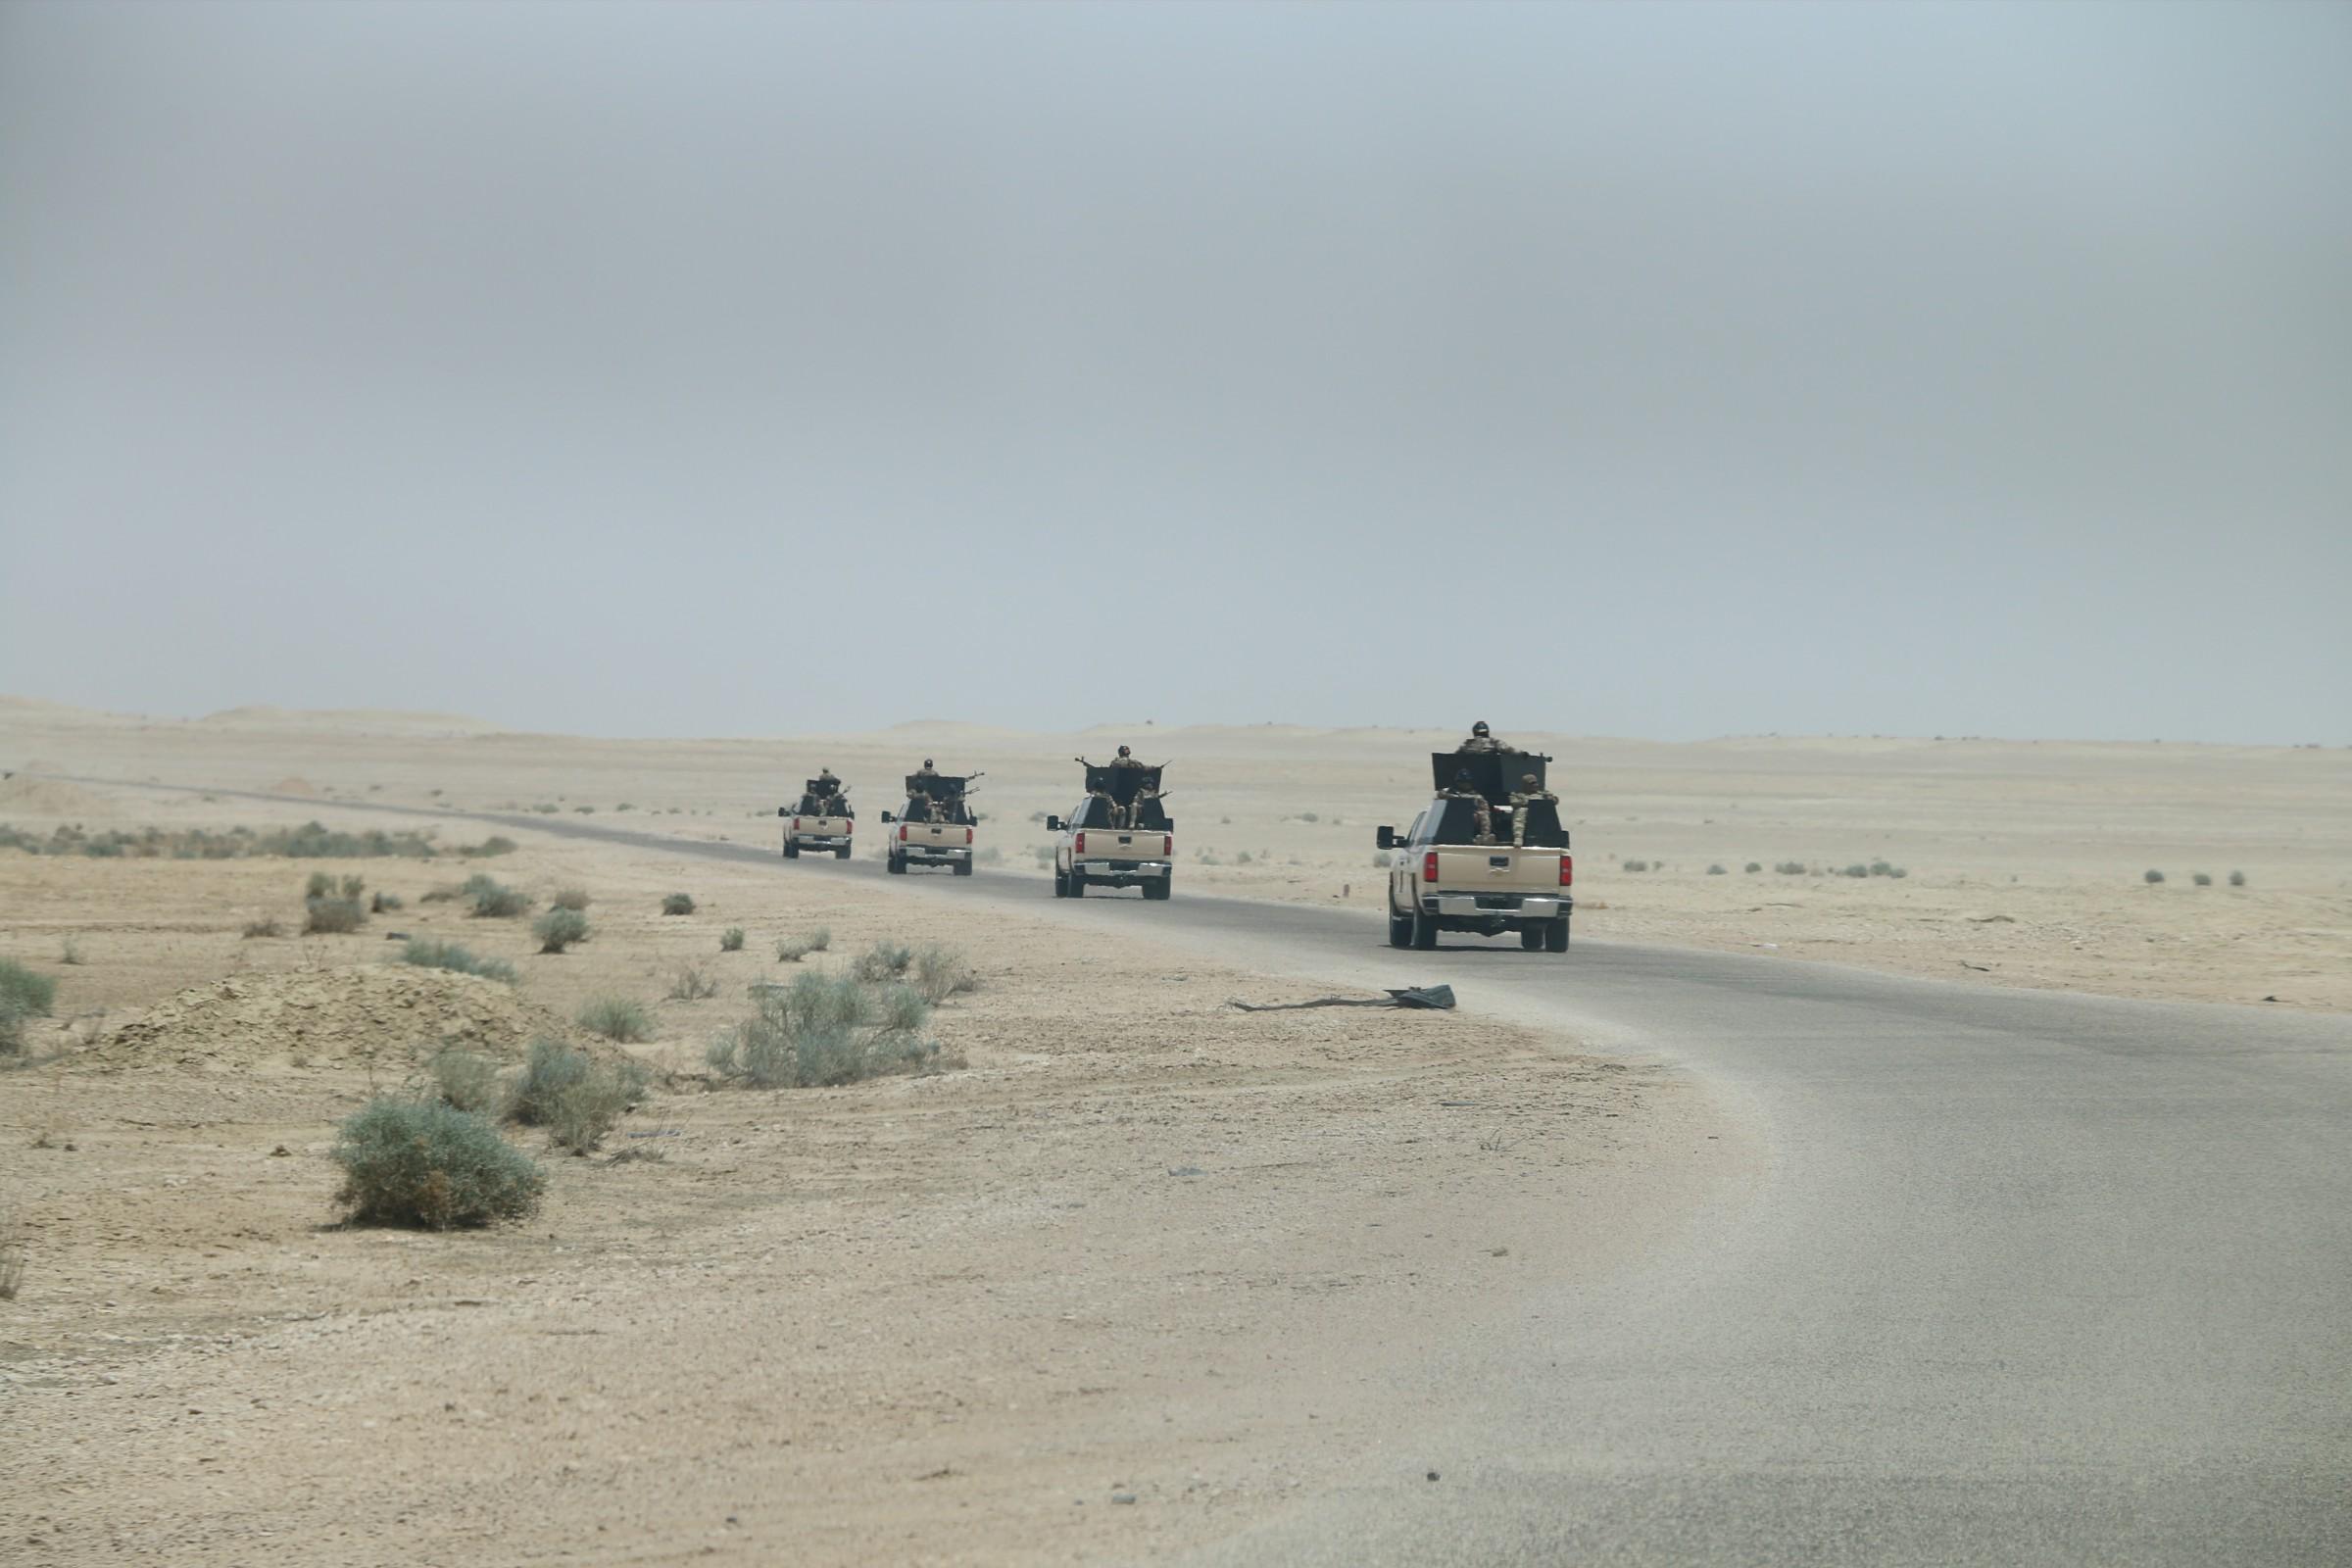 قوة من الجيش تباشر بتفتيش شمال غرب الرطبة